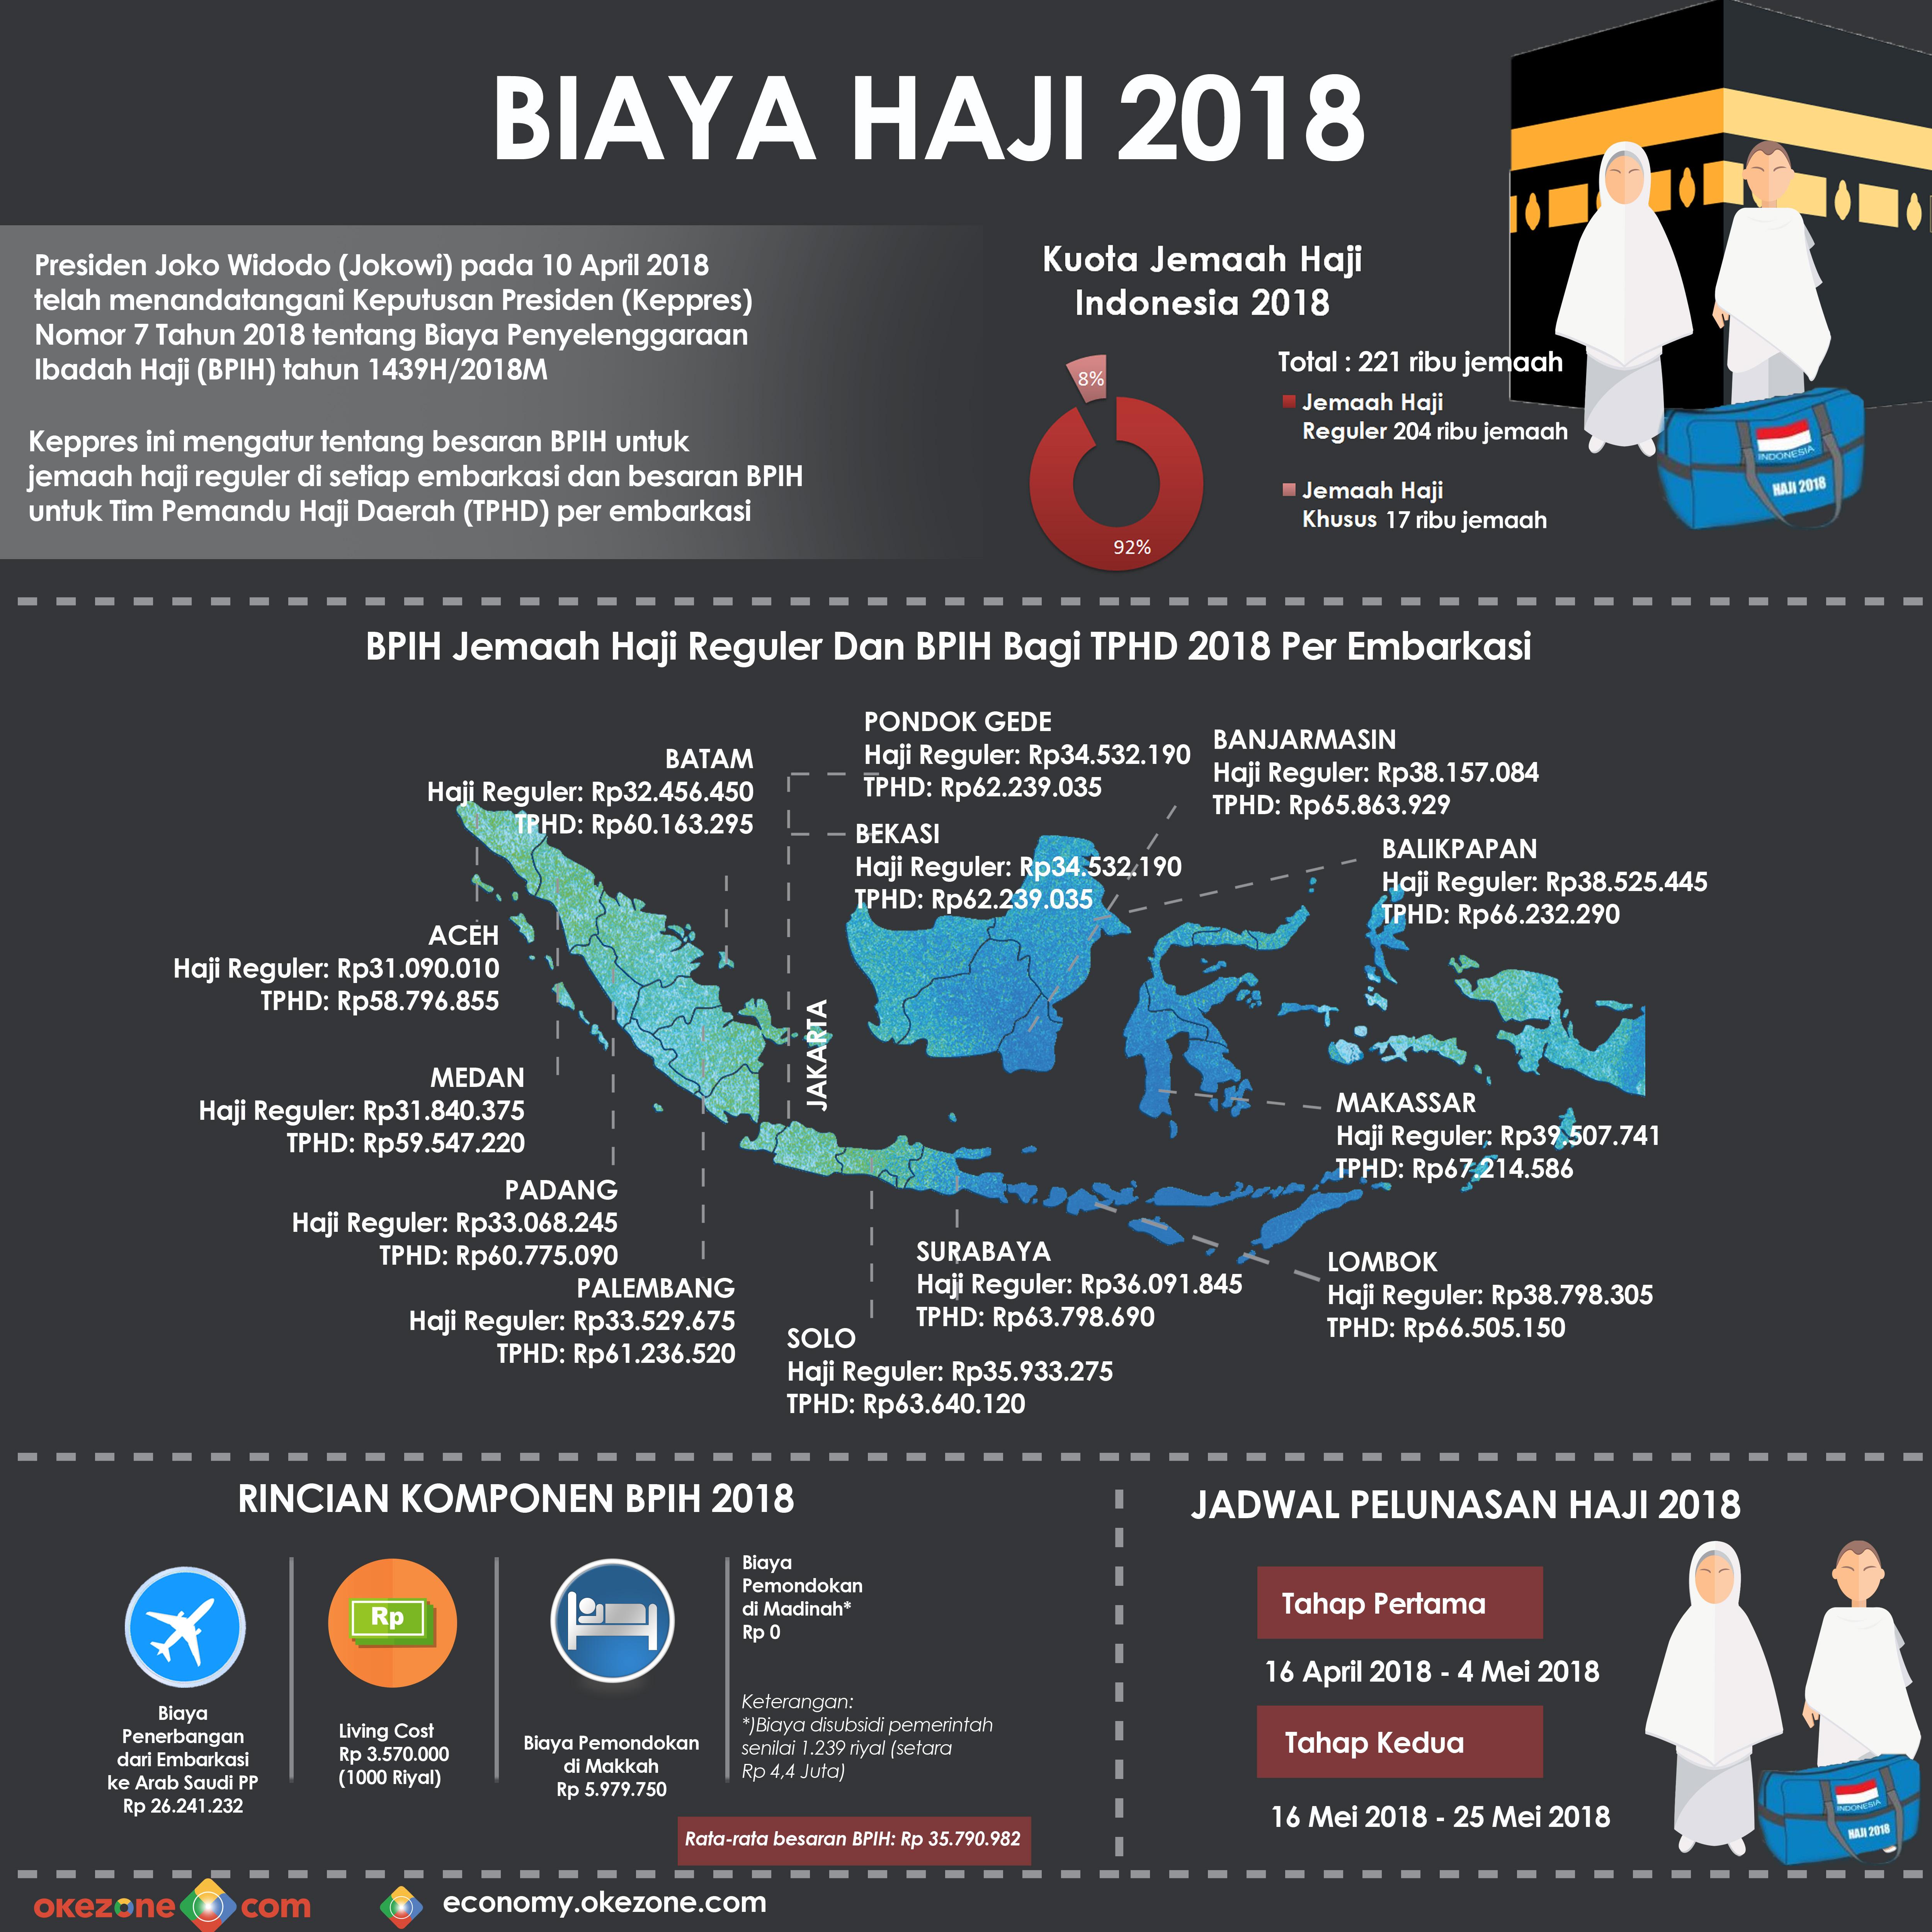 Biaya Haji 2018 -